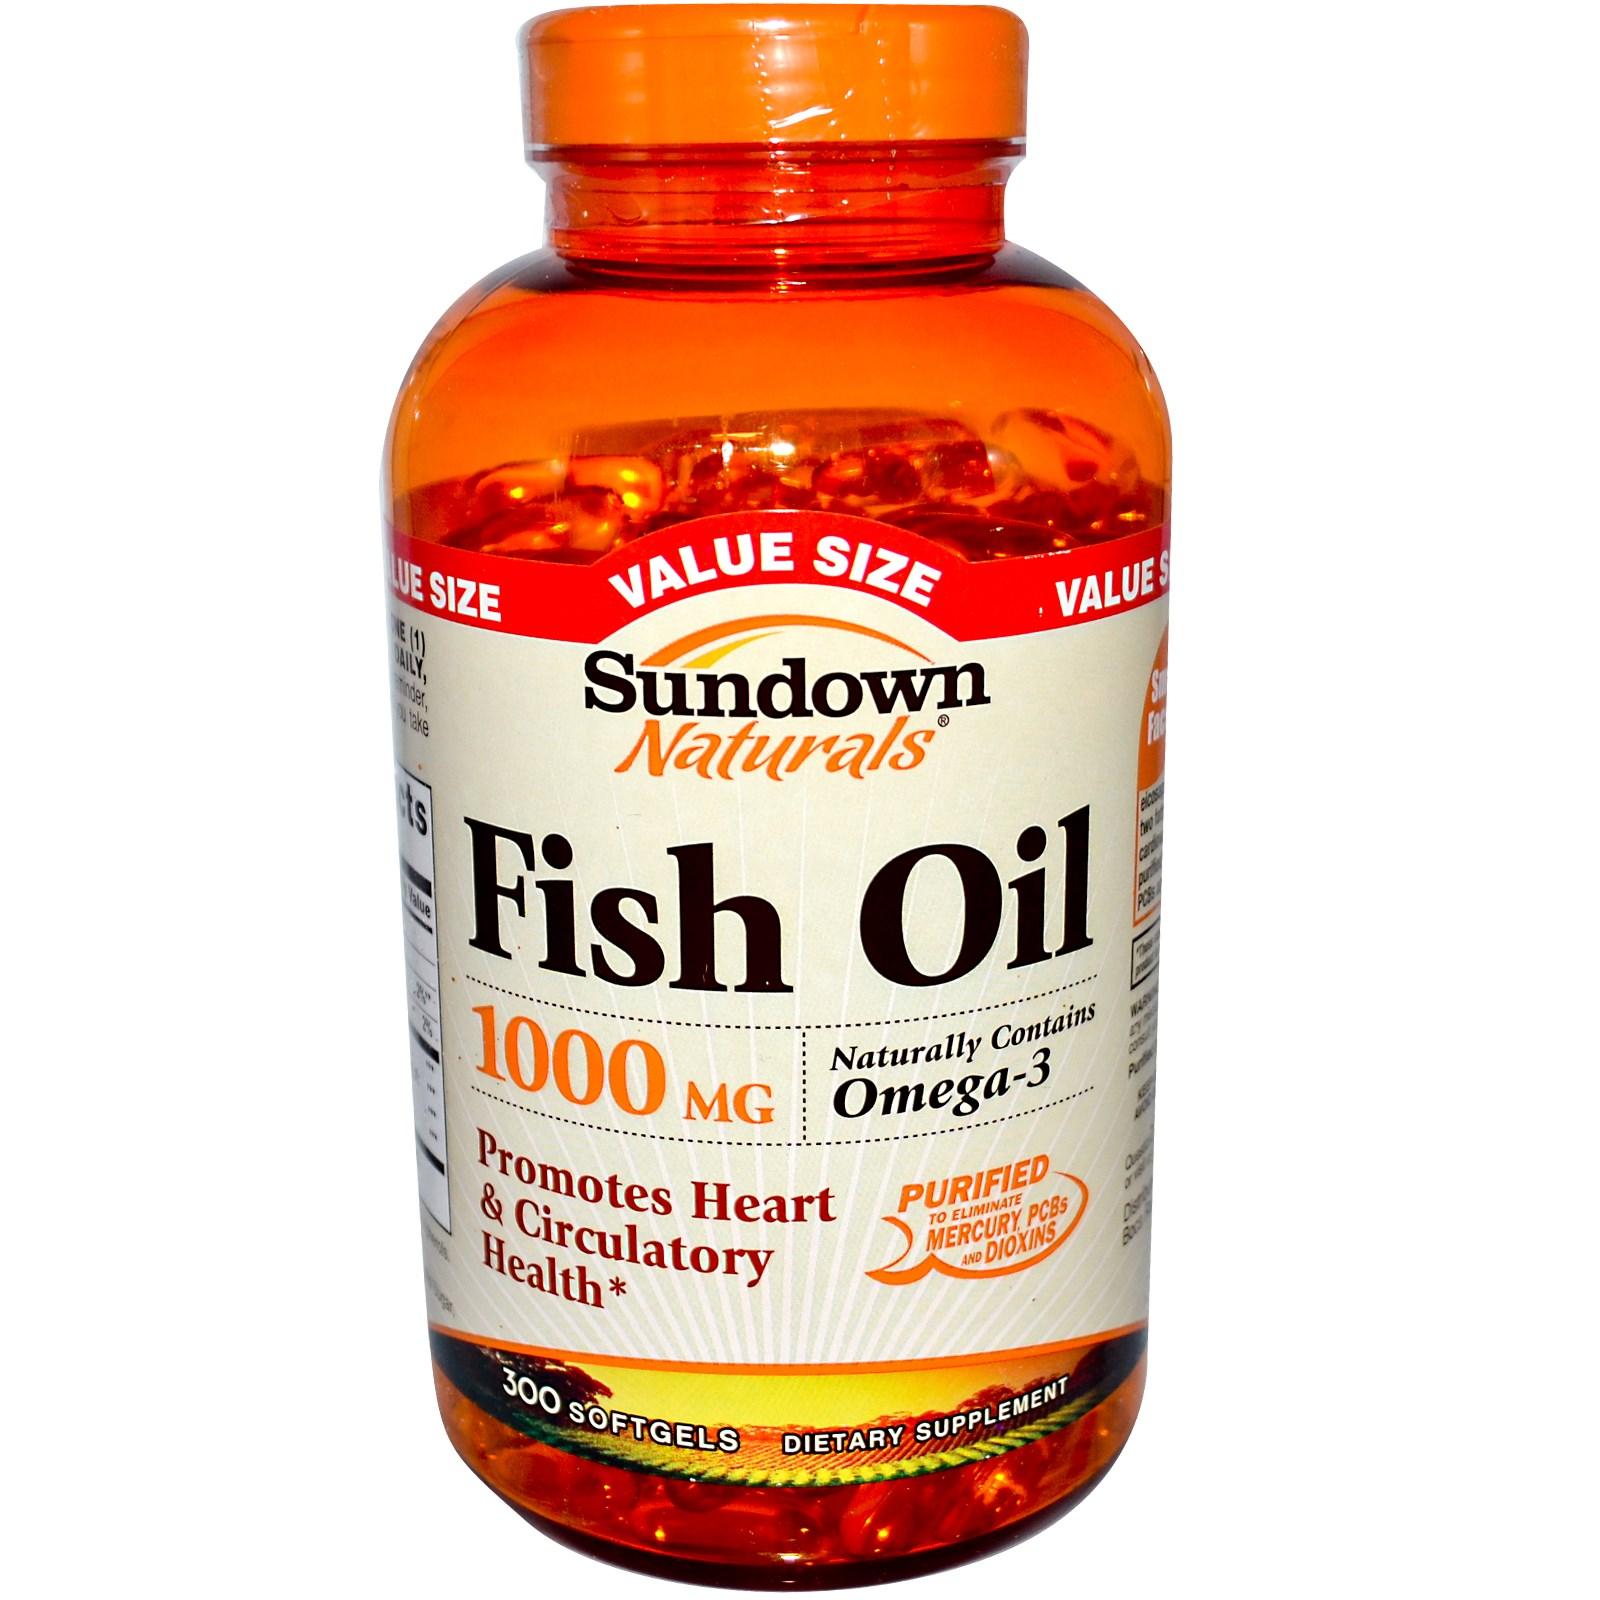 بالصور فوائد زيت السمك , ما هي فائدة تناول الاوميجا 3 1627 1